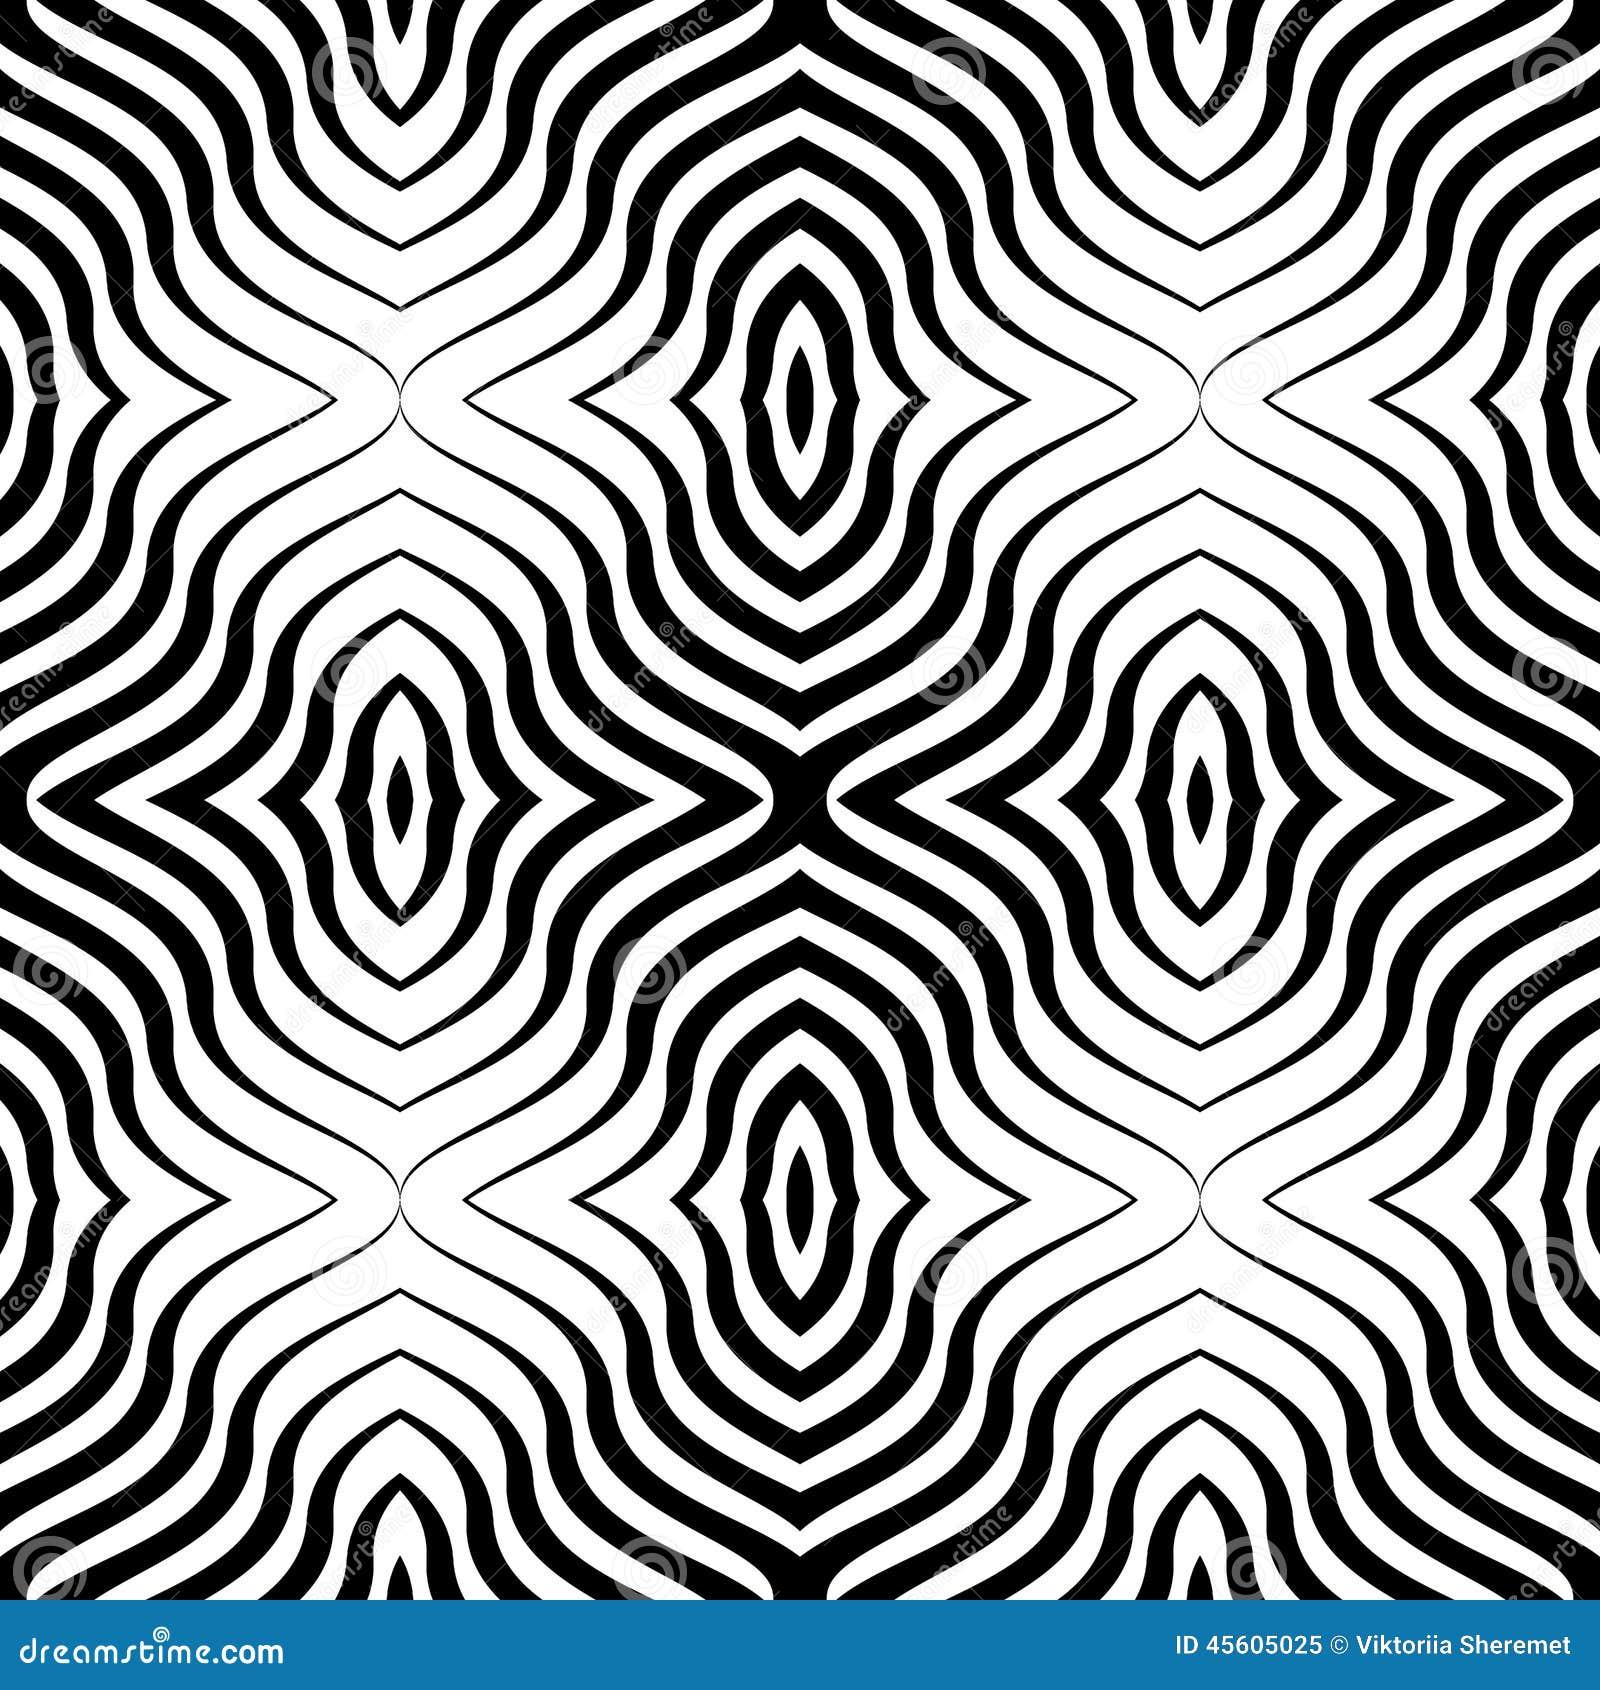 Line Art Design Kft : Op art vector seamless geometric pattern